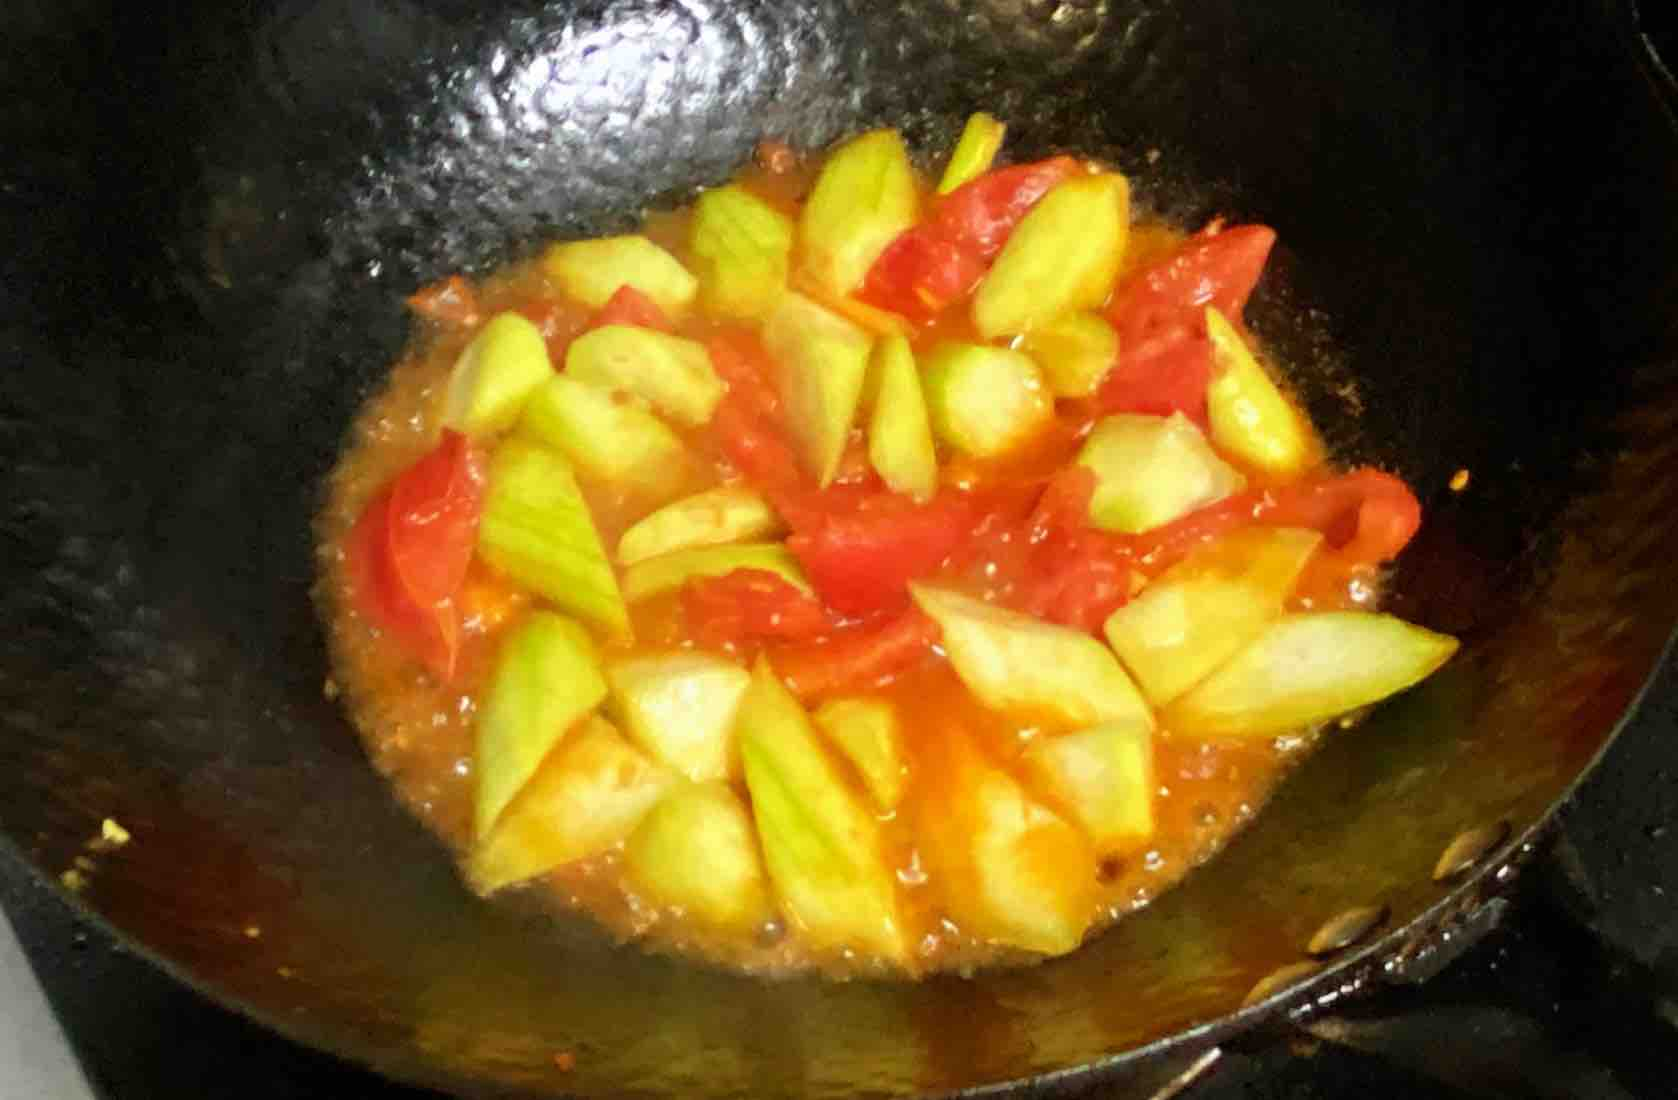 【孕妇食谱】番茄丝瓜炒鸡蛋,酸酸甜甜,营养全面~的步骤